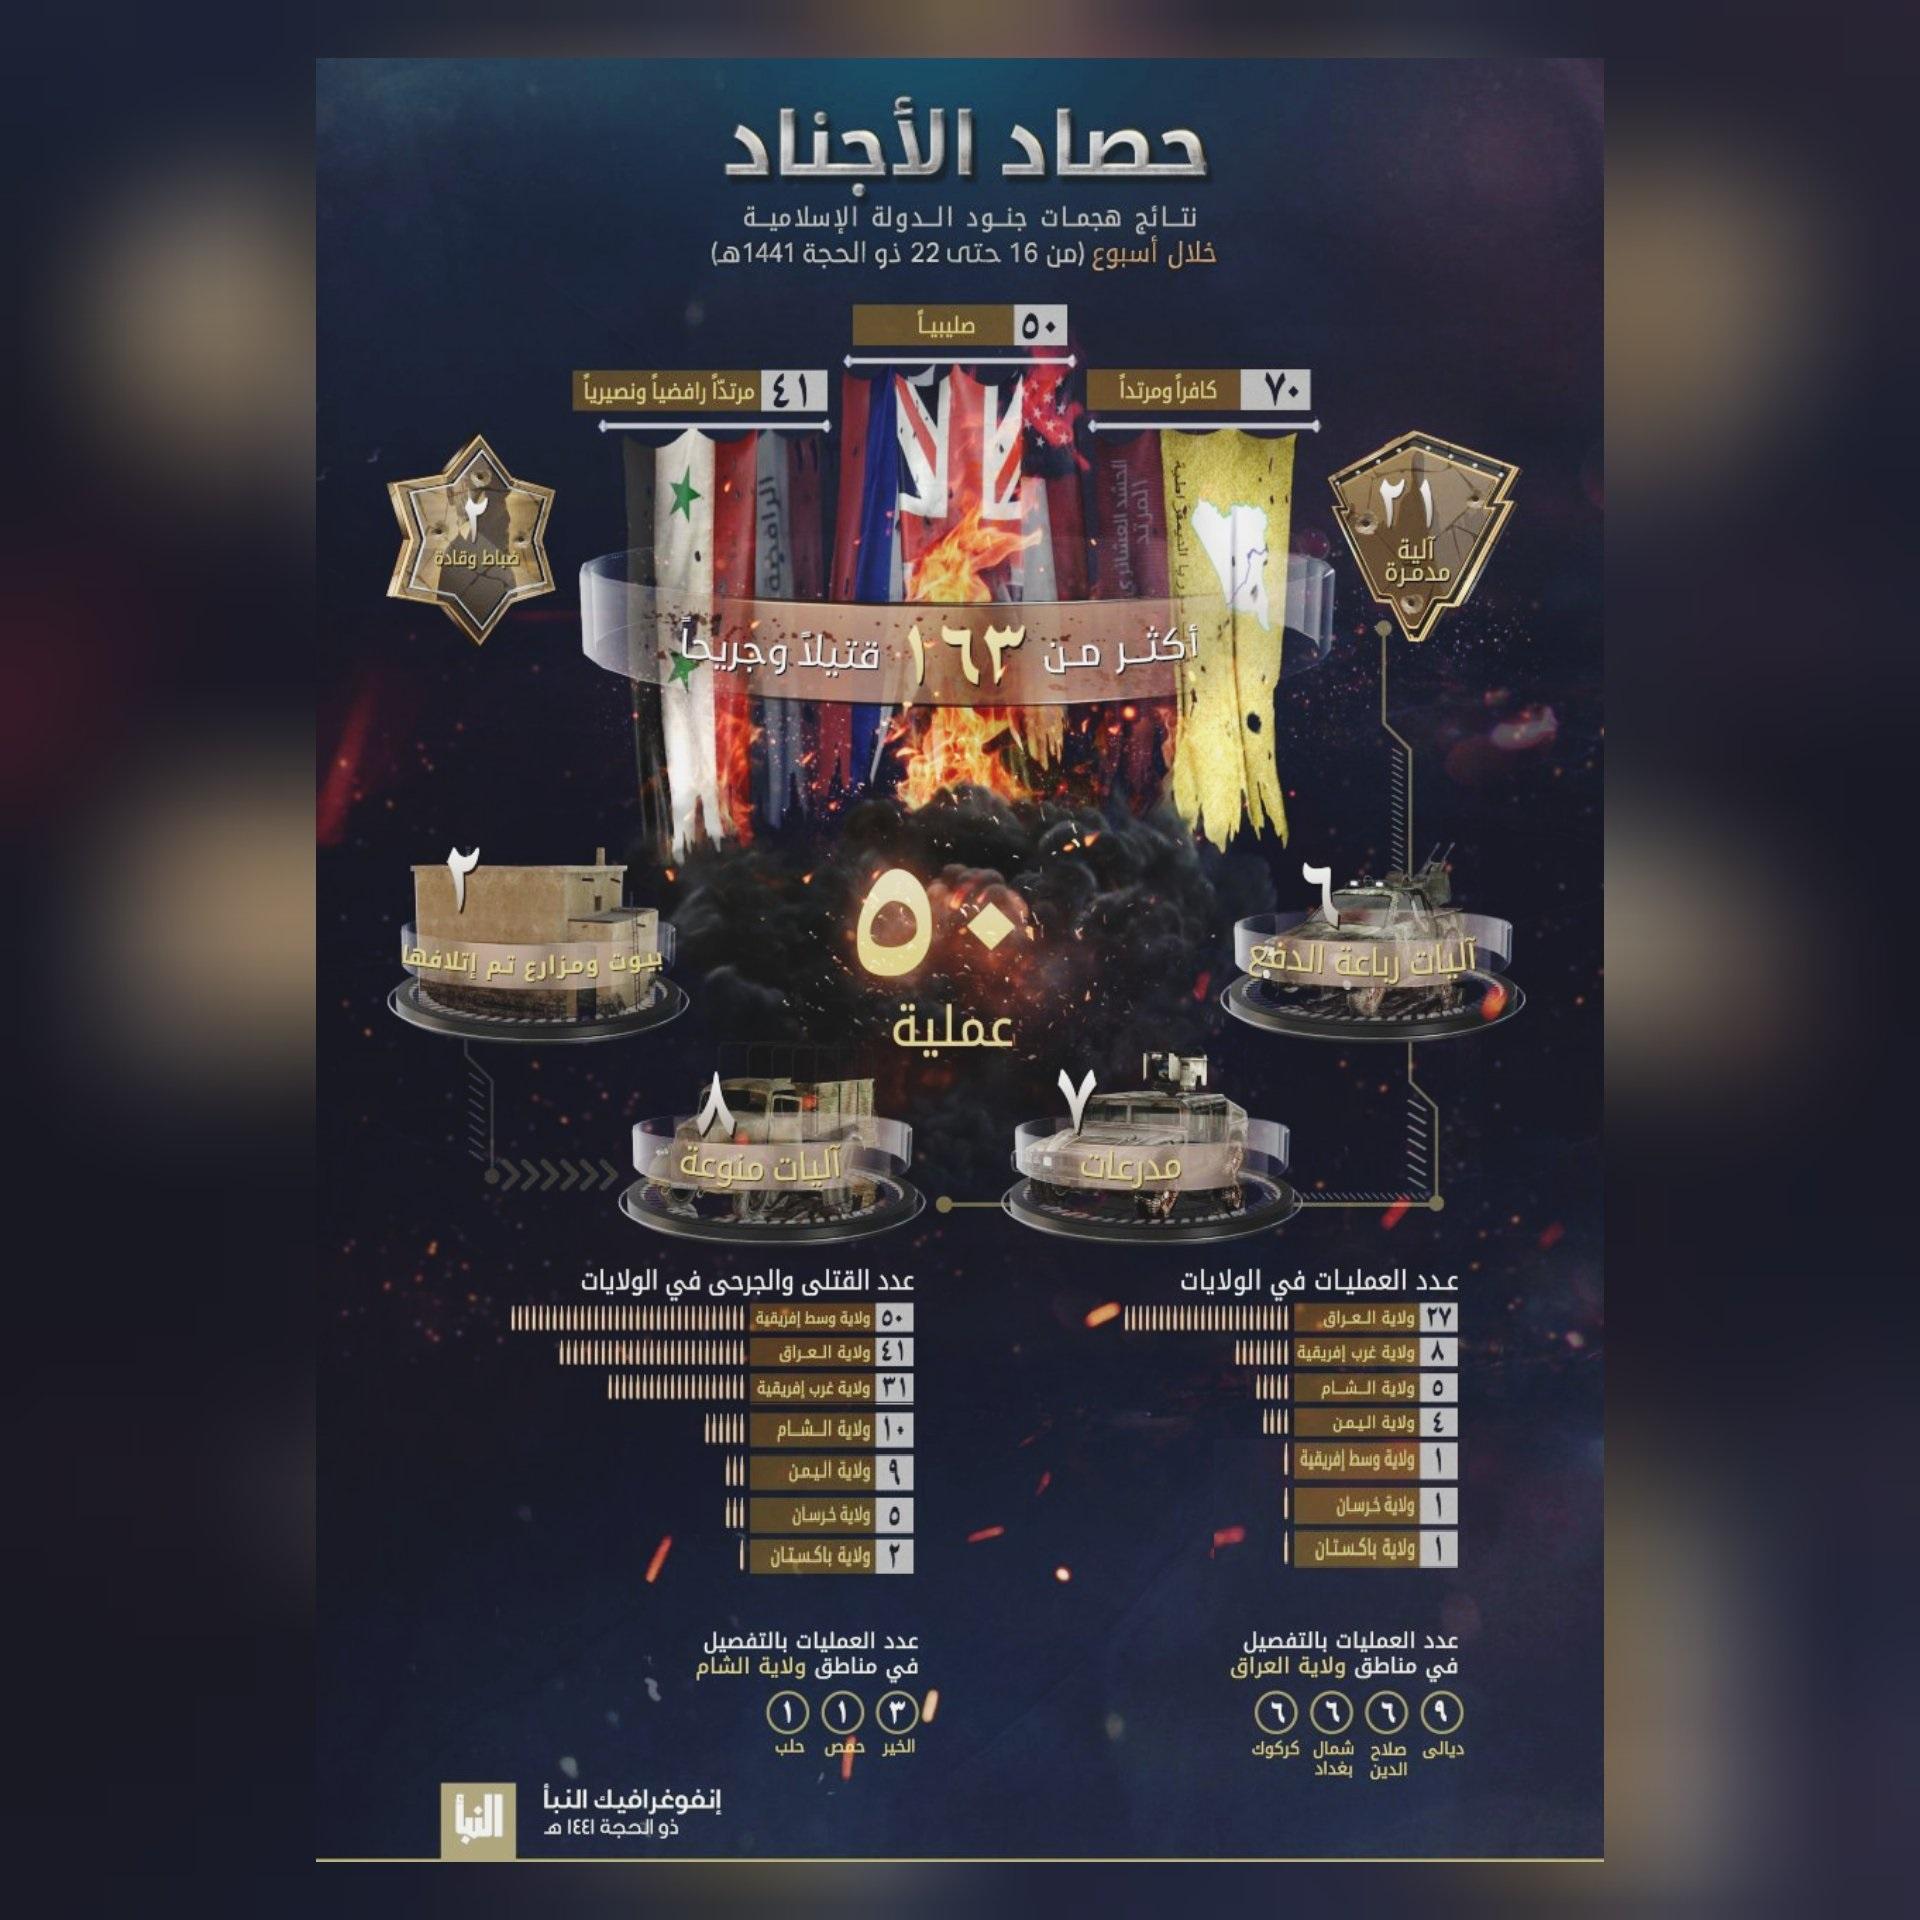 داعش الارهابي يصدر صحيفته النبأ :العراق الاول عالميا هذا الاسبوع بالهجمات والثاني بالقتلى والجرحى